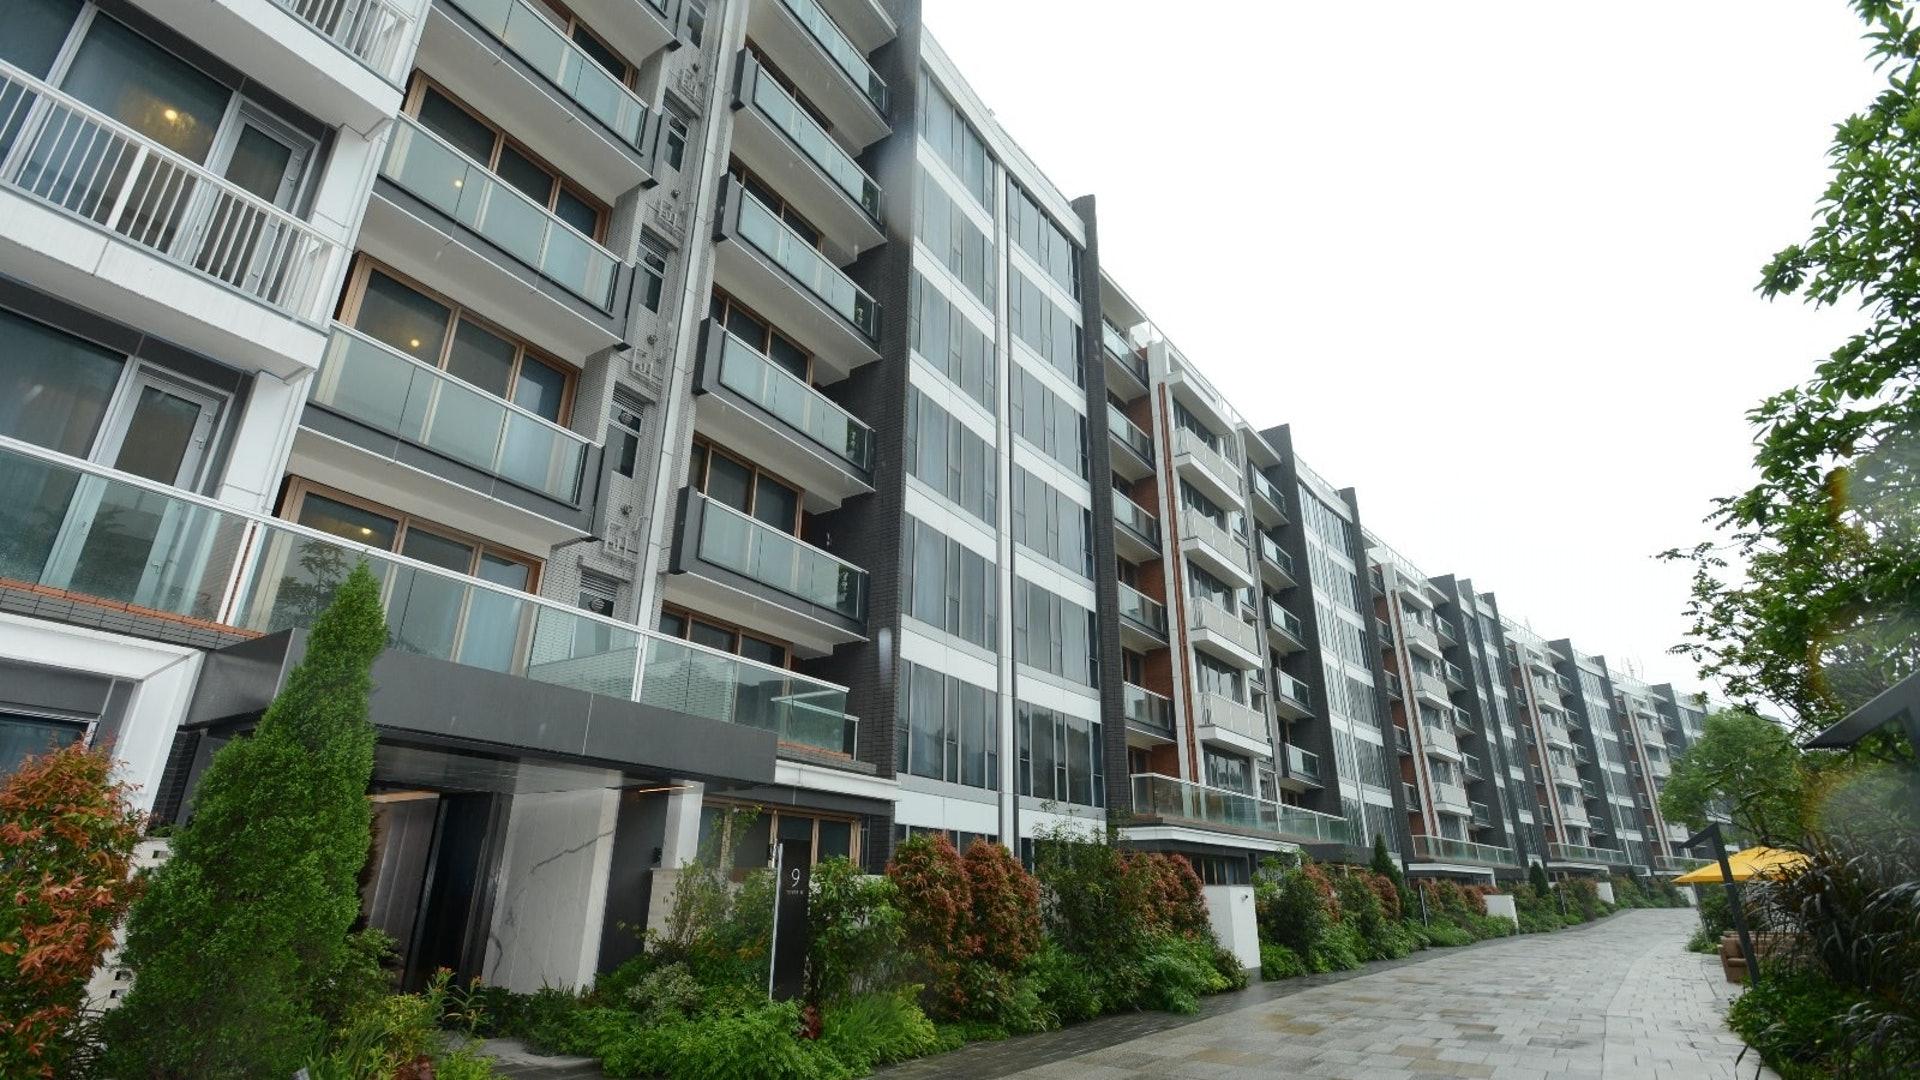 詹Sir表示,去年共檢驗約40多個新落成屋苑,包括新地眀徳山、海天晉、Park YOHO Genova、新世界傲瀧、柏巒等。(資料圖片)